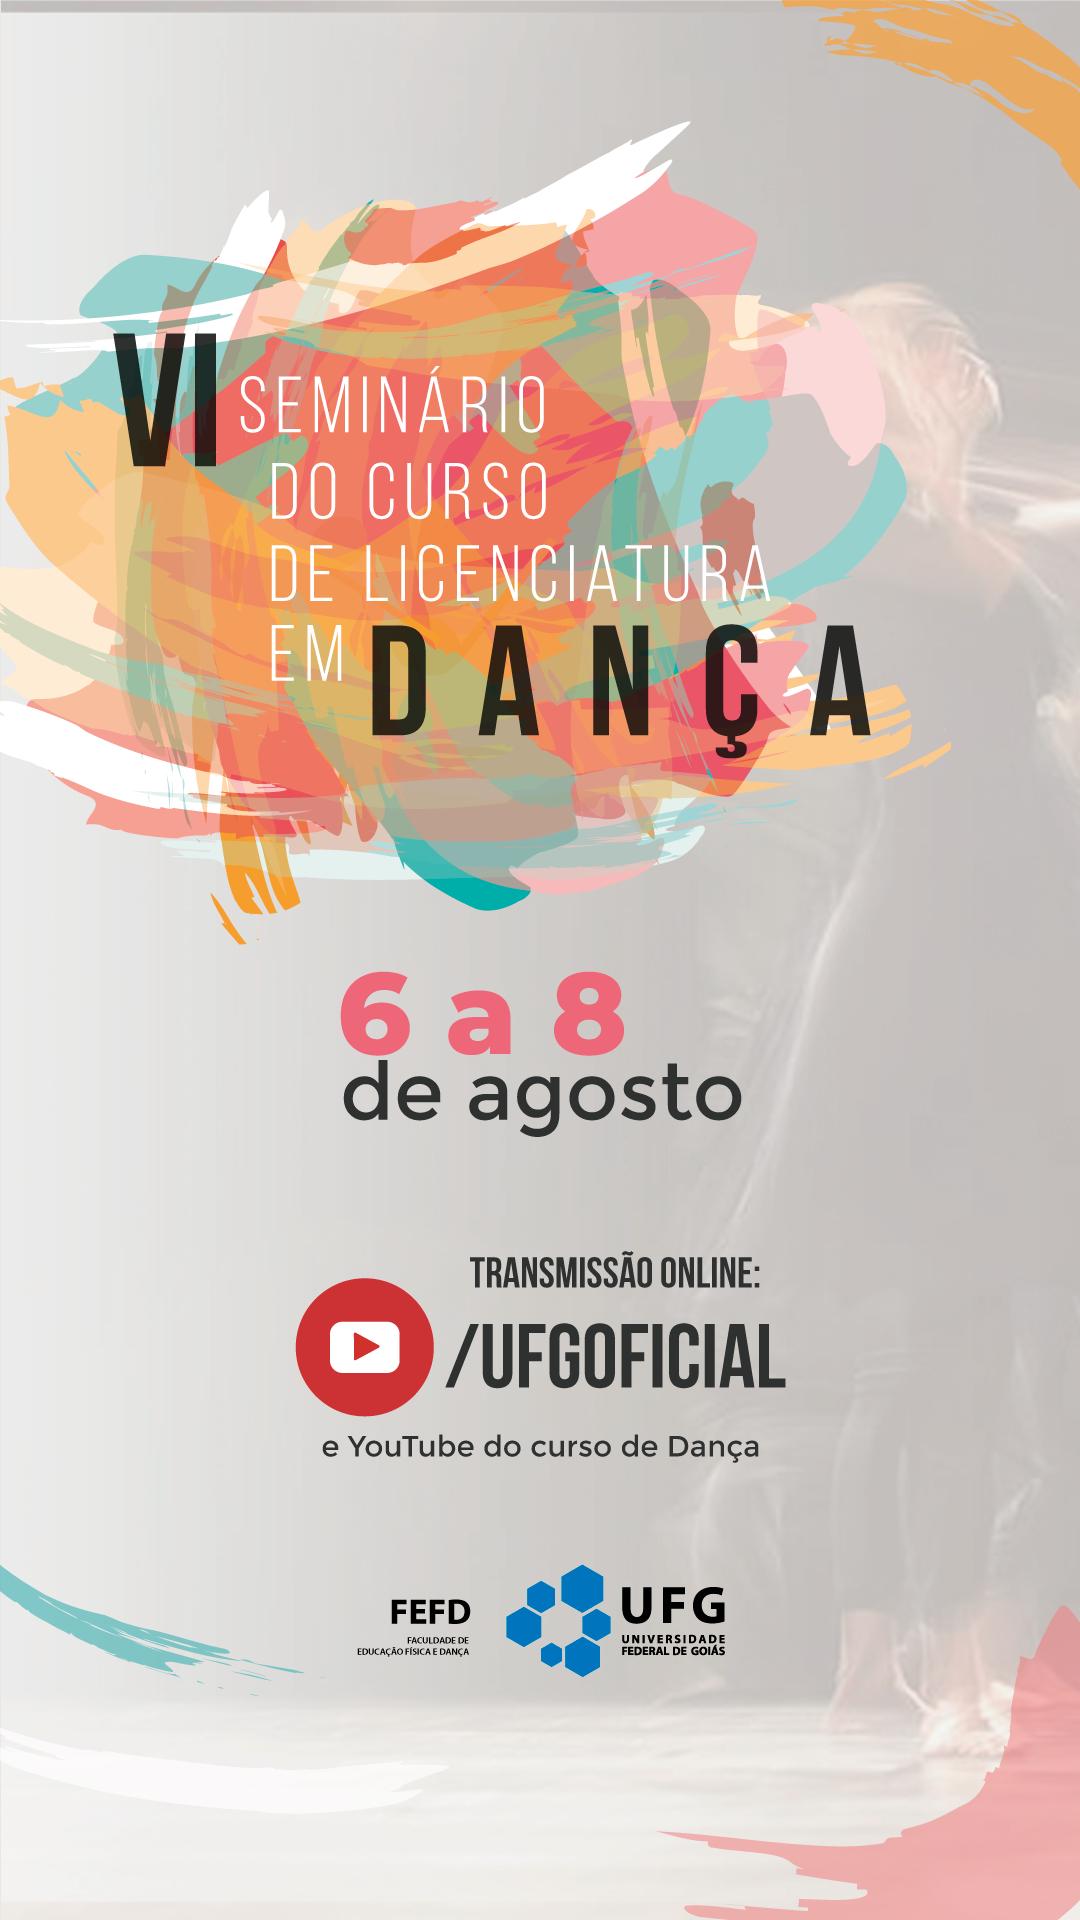 VI SEMINÁRIO do Curso de Licenciatura em Dança 6-8-21